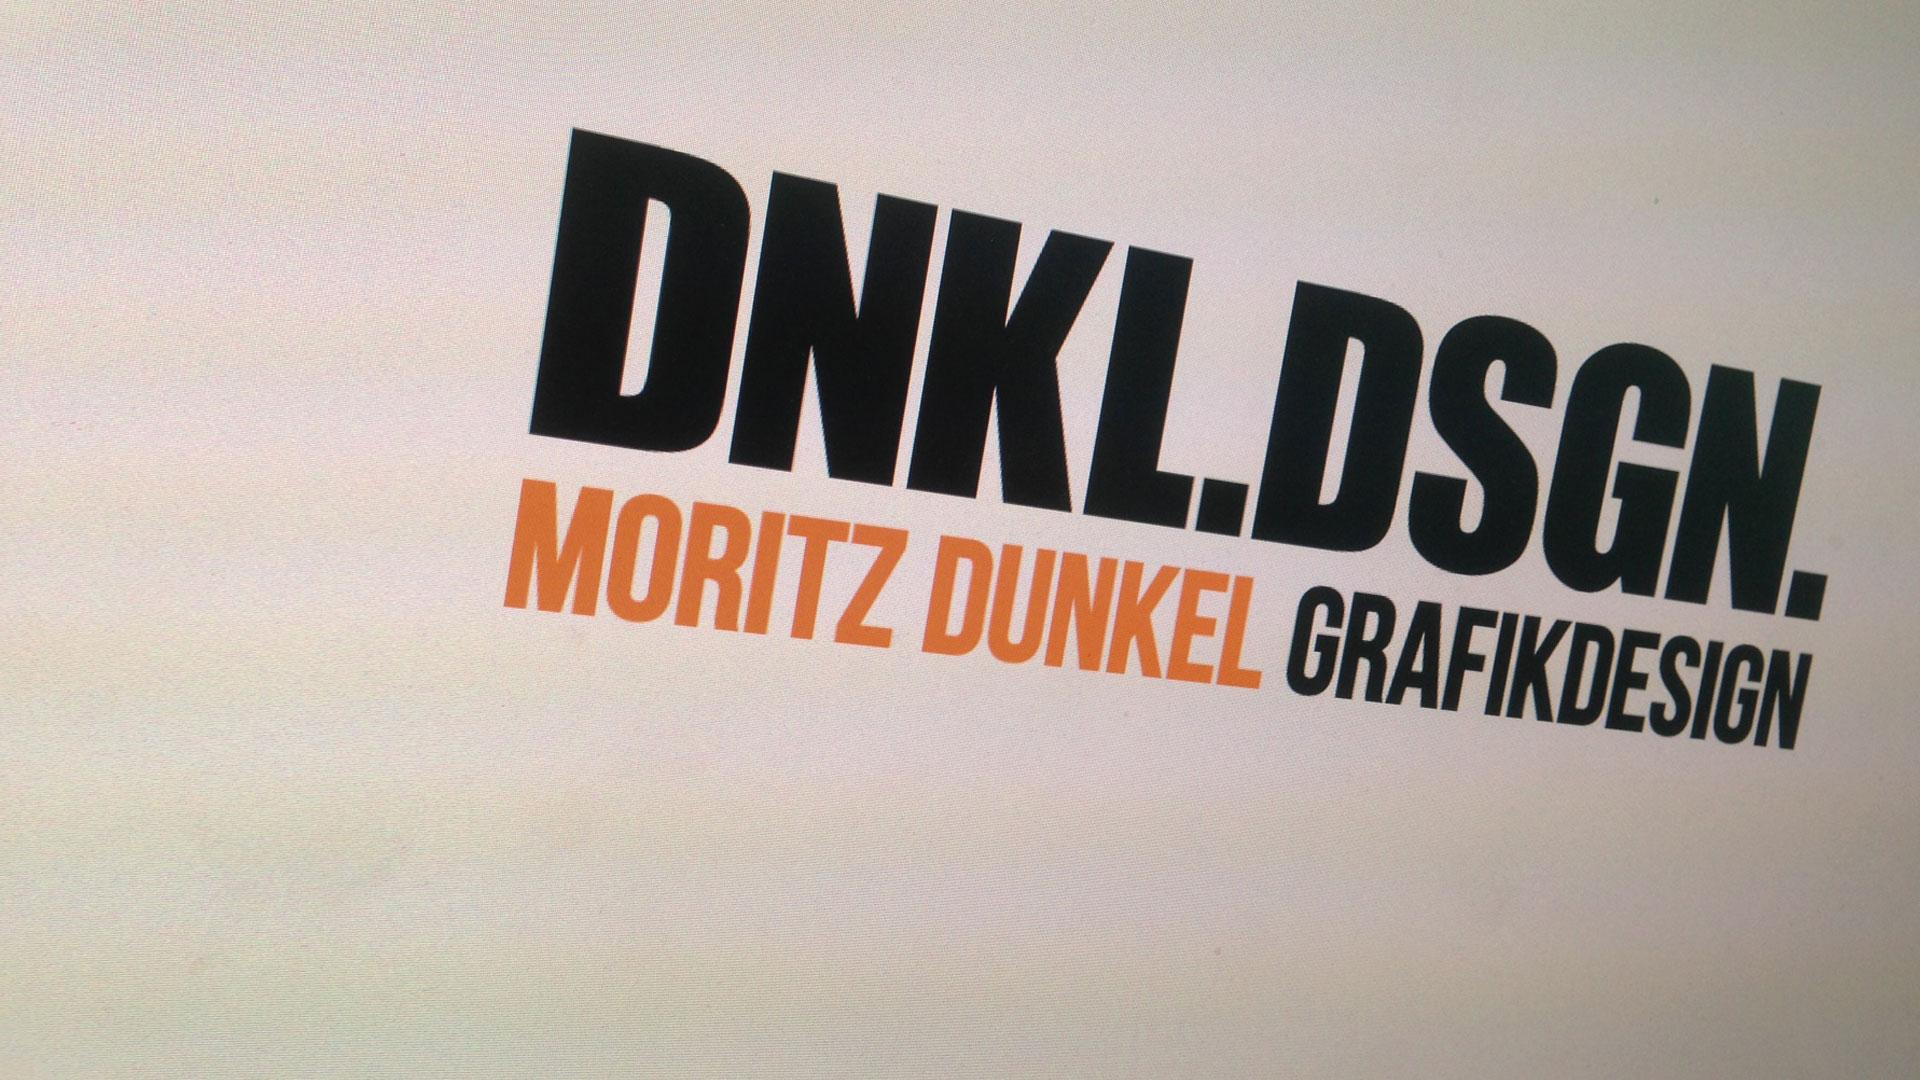 DNKL.DSGN. Moritz Dunkel Grafikdesign Köln